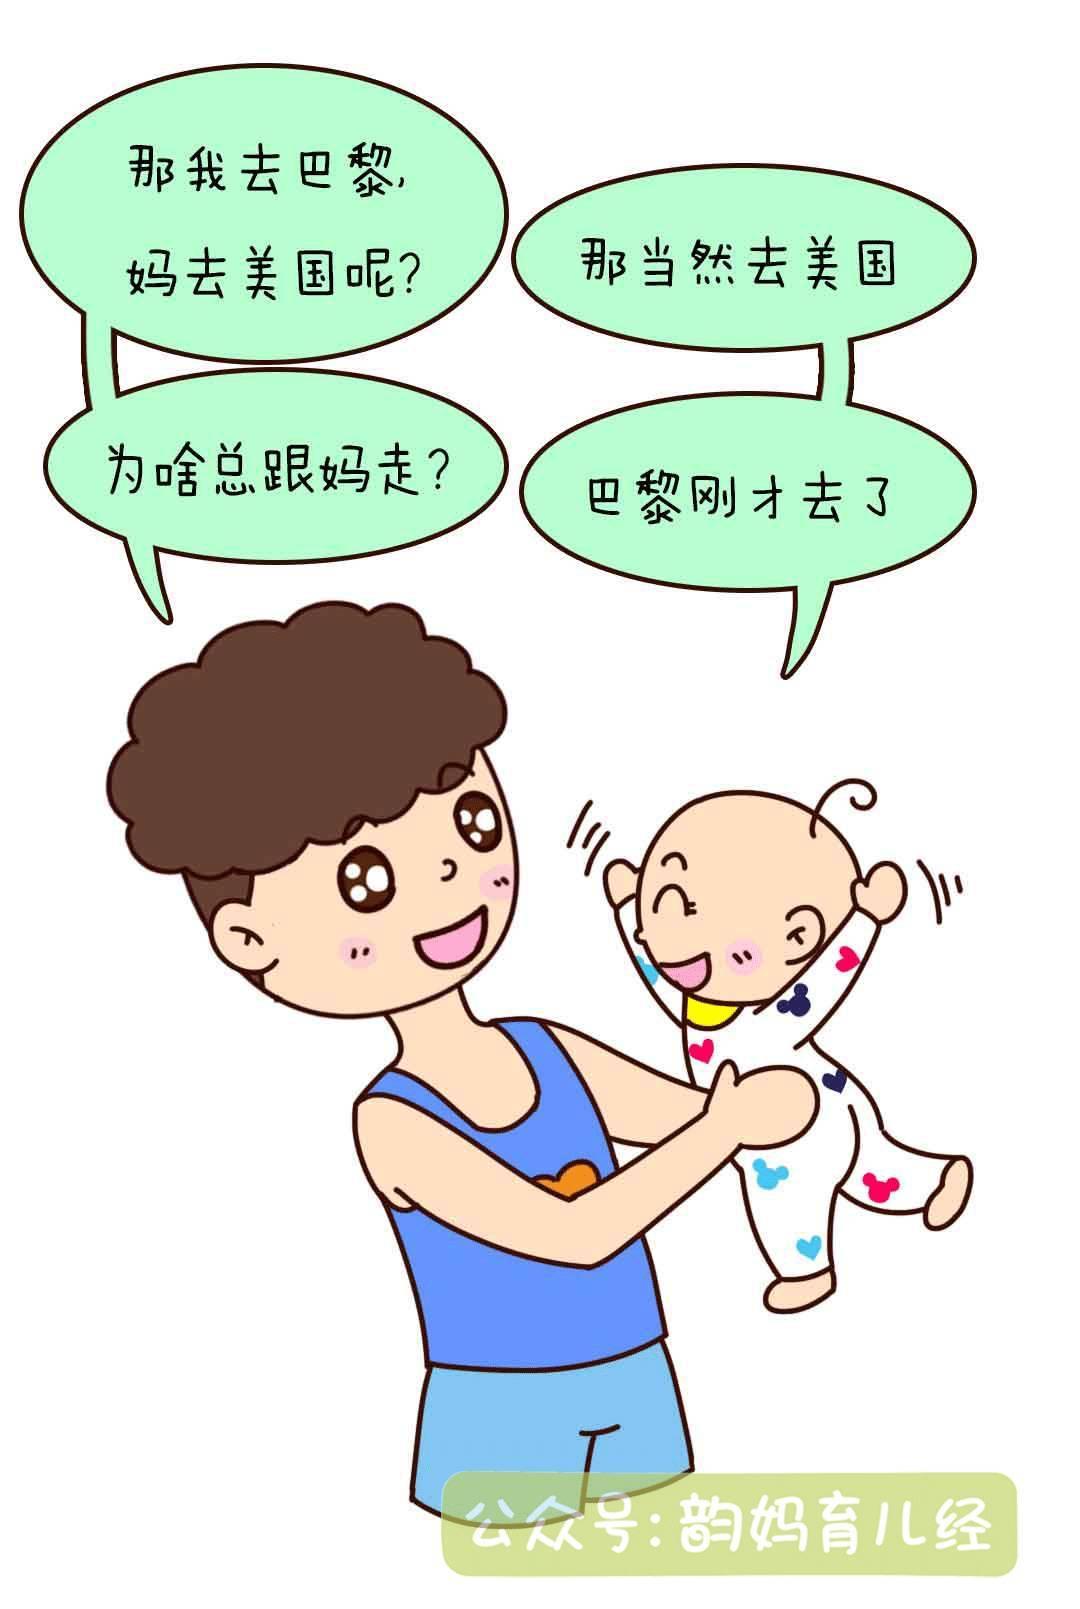 动漫 卡通 漫画 头像 1080_1609 竖版 竖屏图片